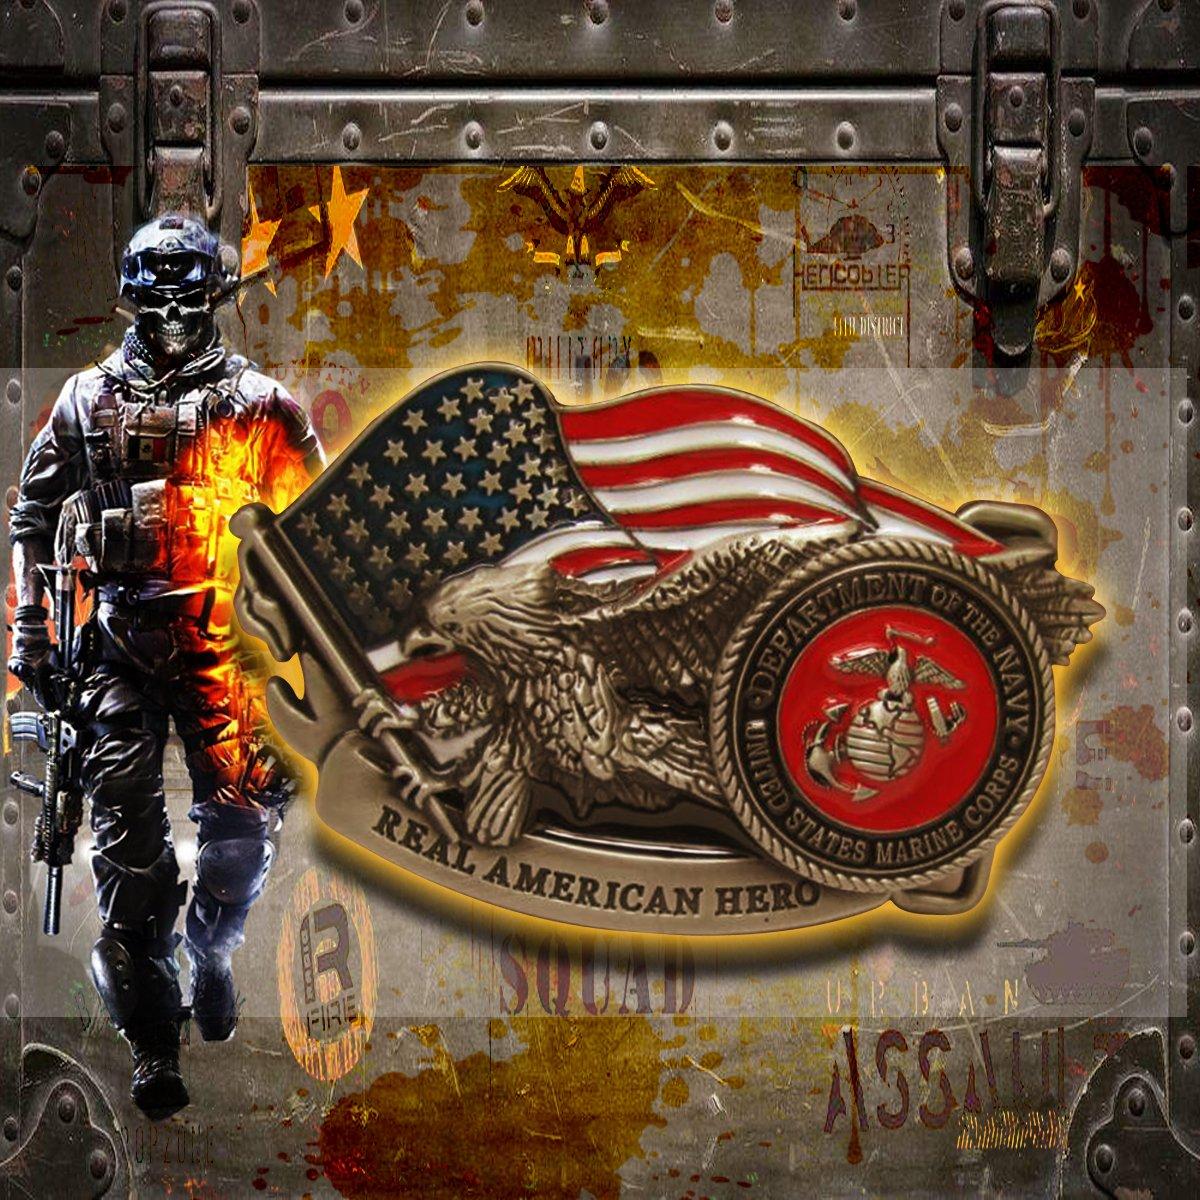 US ARMY Mens Vintage Color Original Belt Buckle Gurtel schnalle US Marines Real American Hero